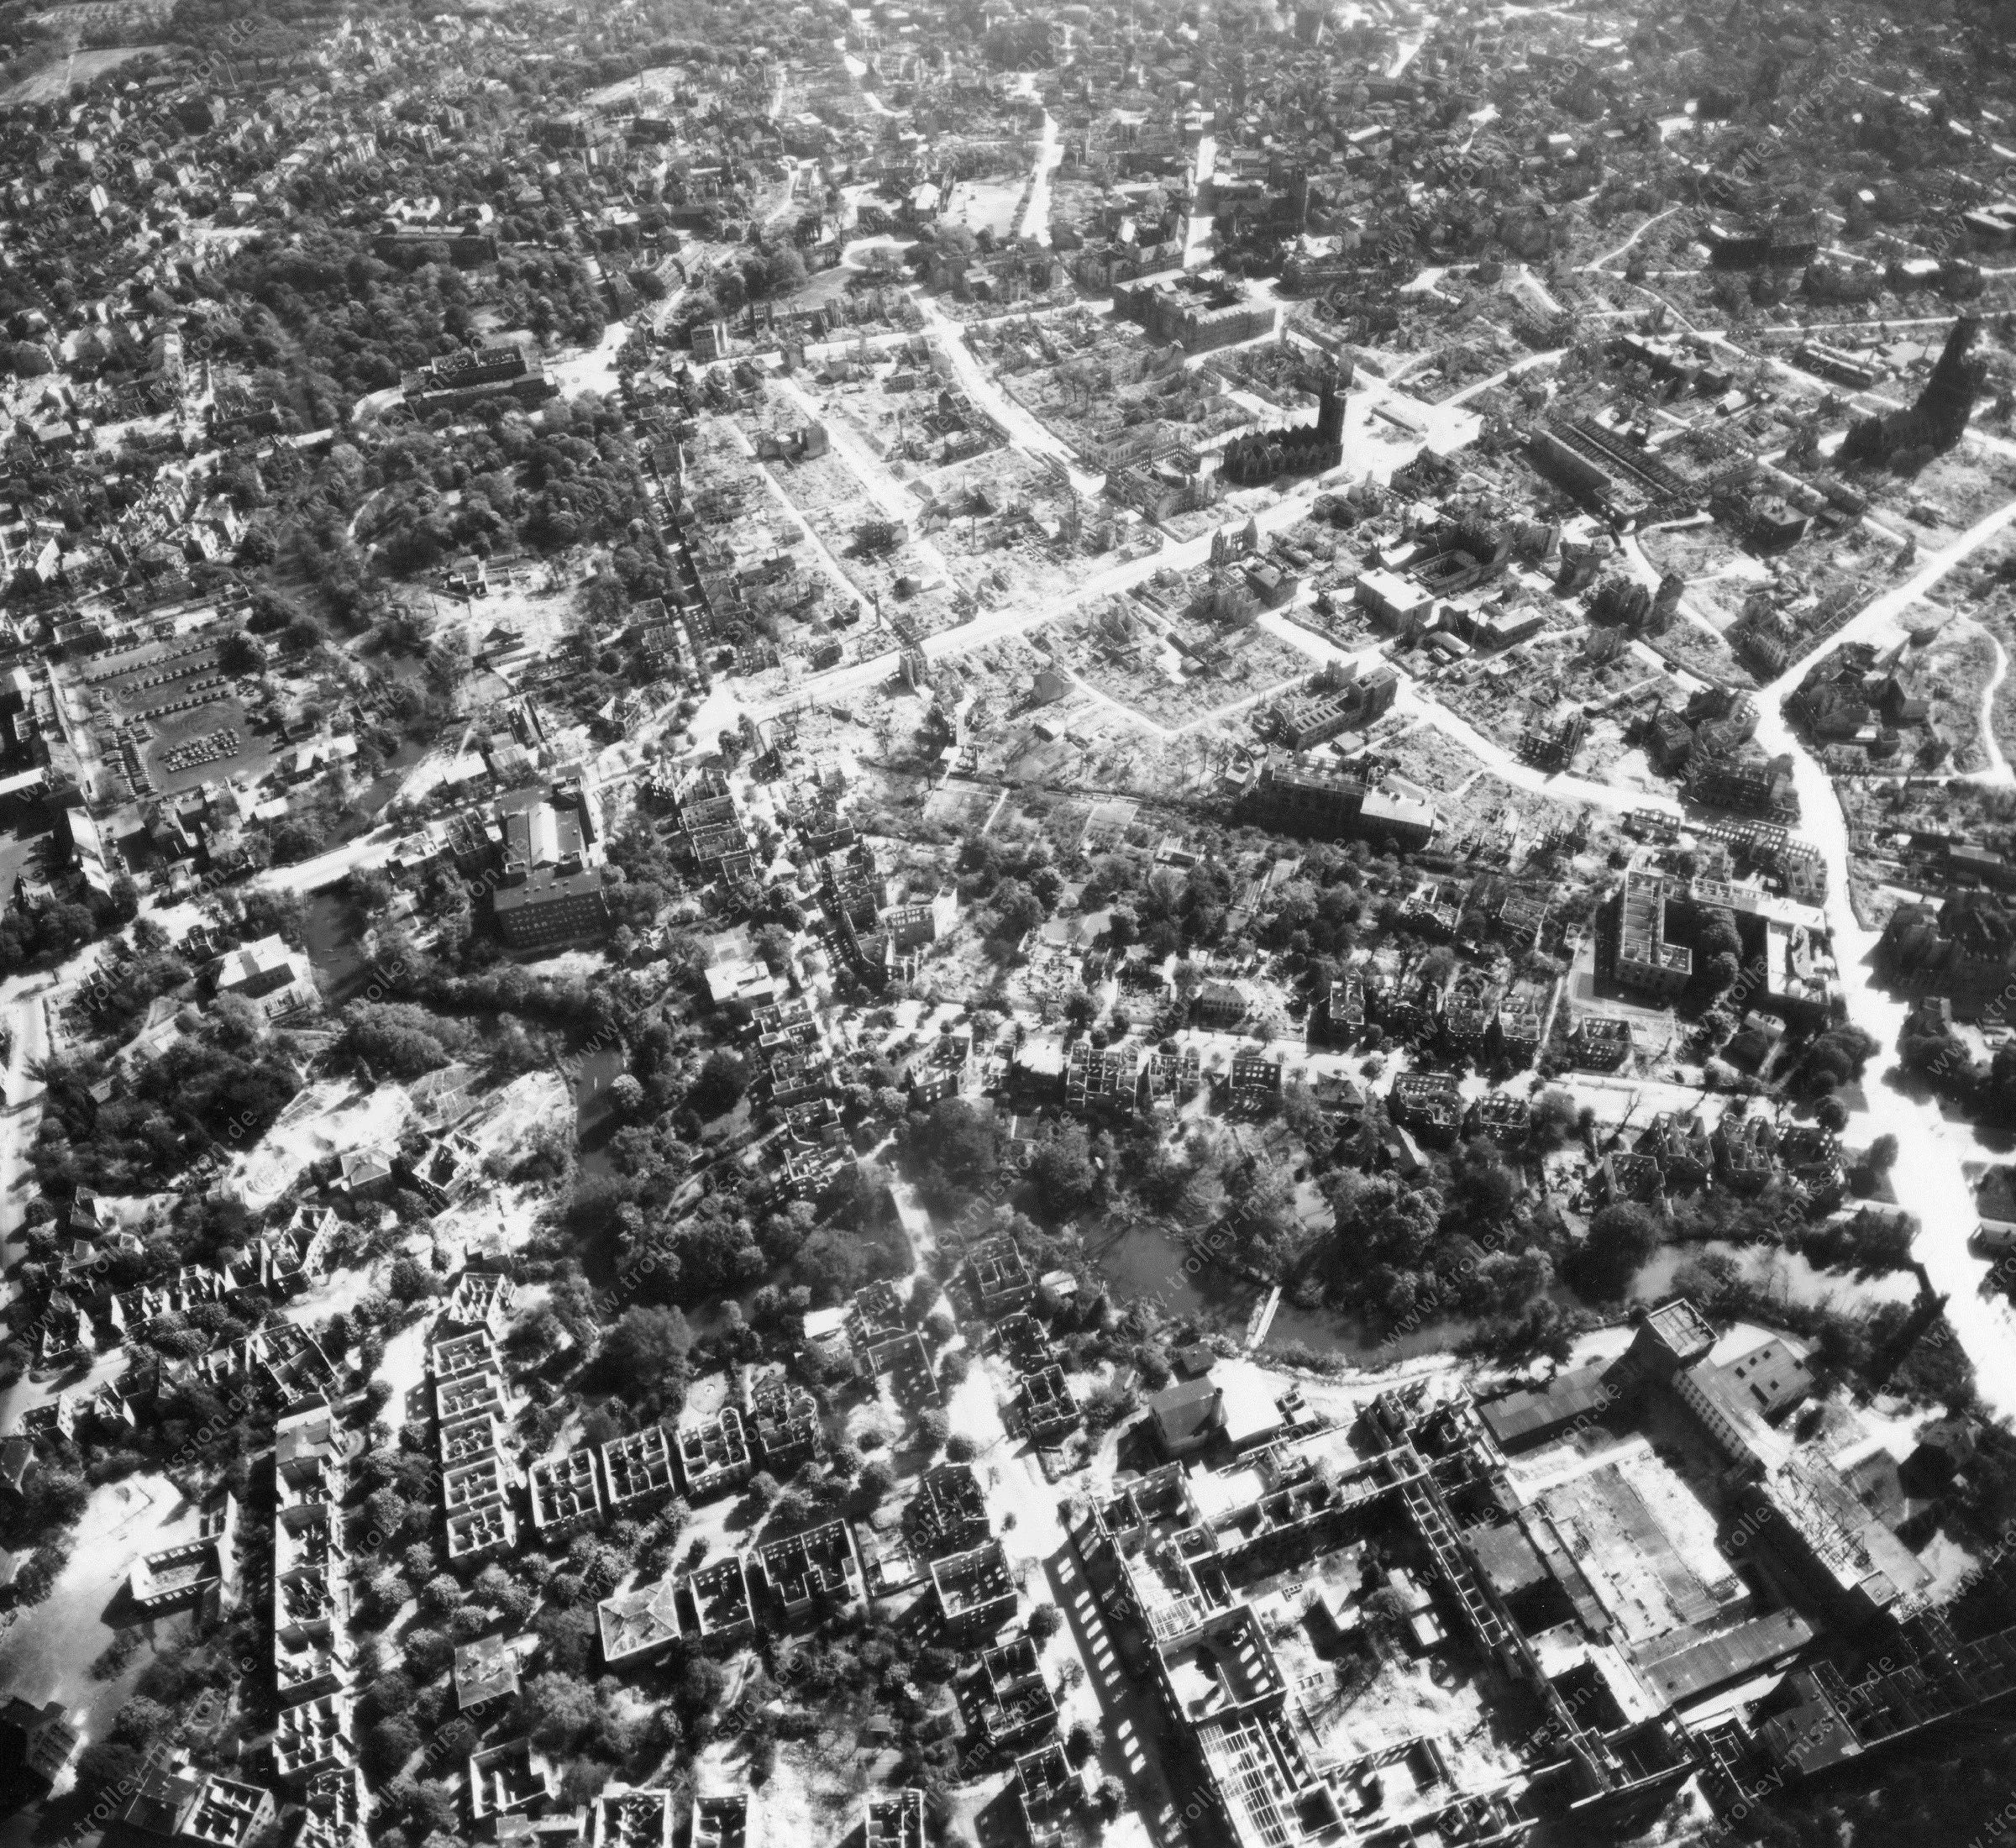 Luftbild von Braunschweig am 12. Mai 1945 - Luftbildserie 6/11 der US Air Force